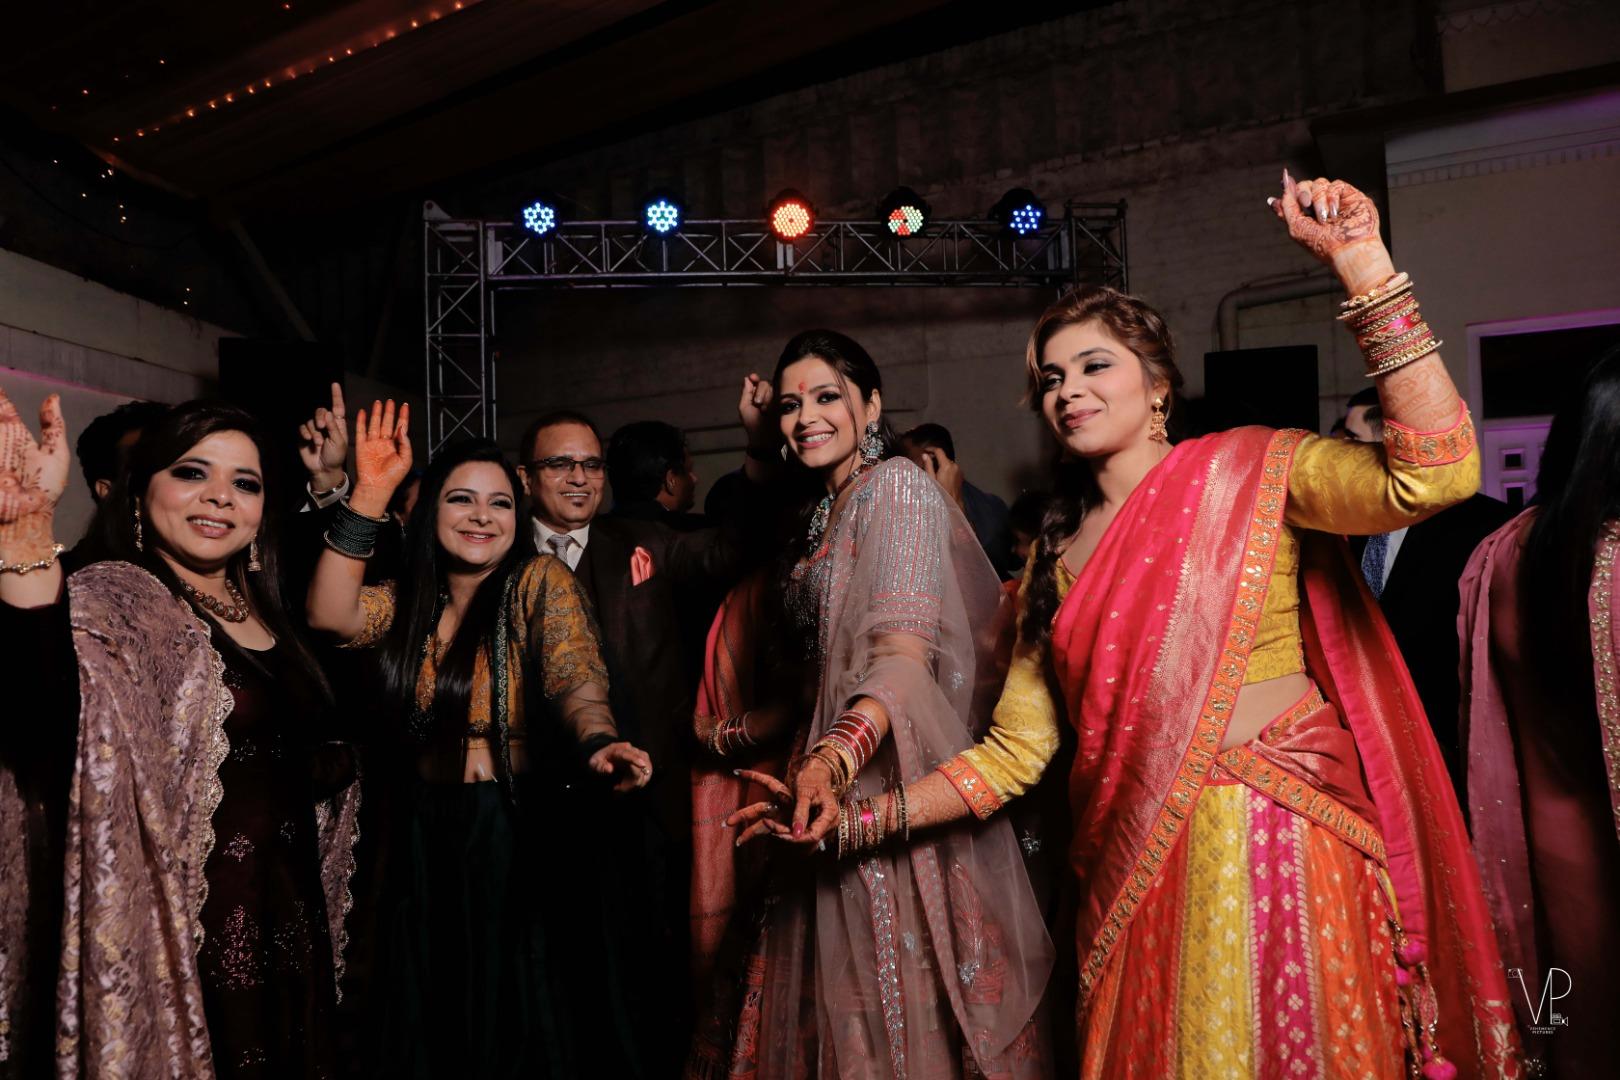 Indian Wedding Dance Floor Pictures